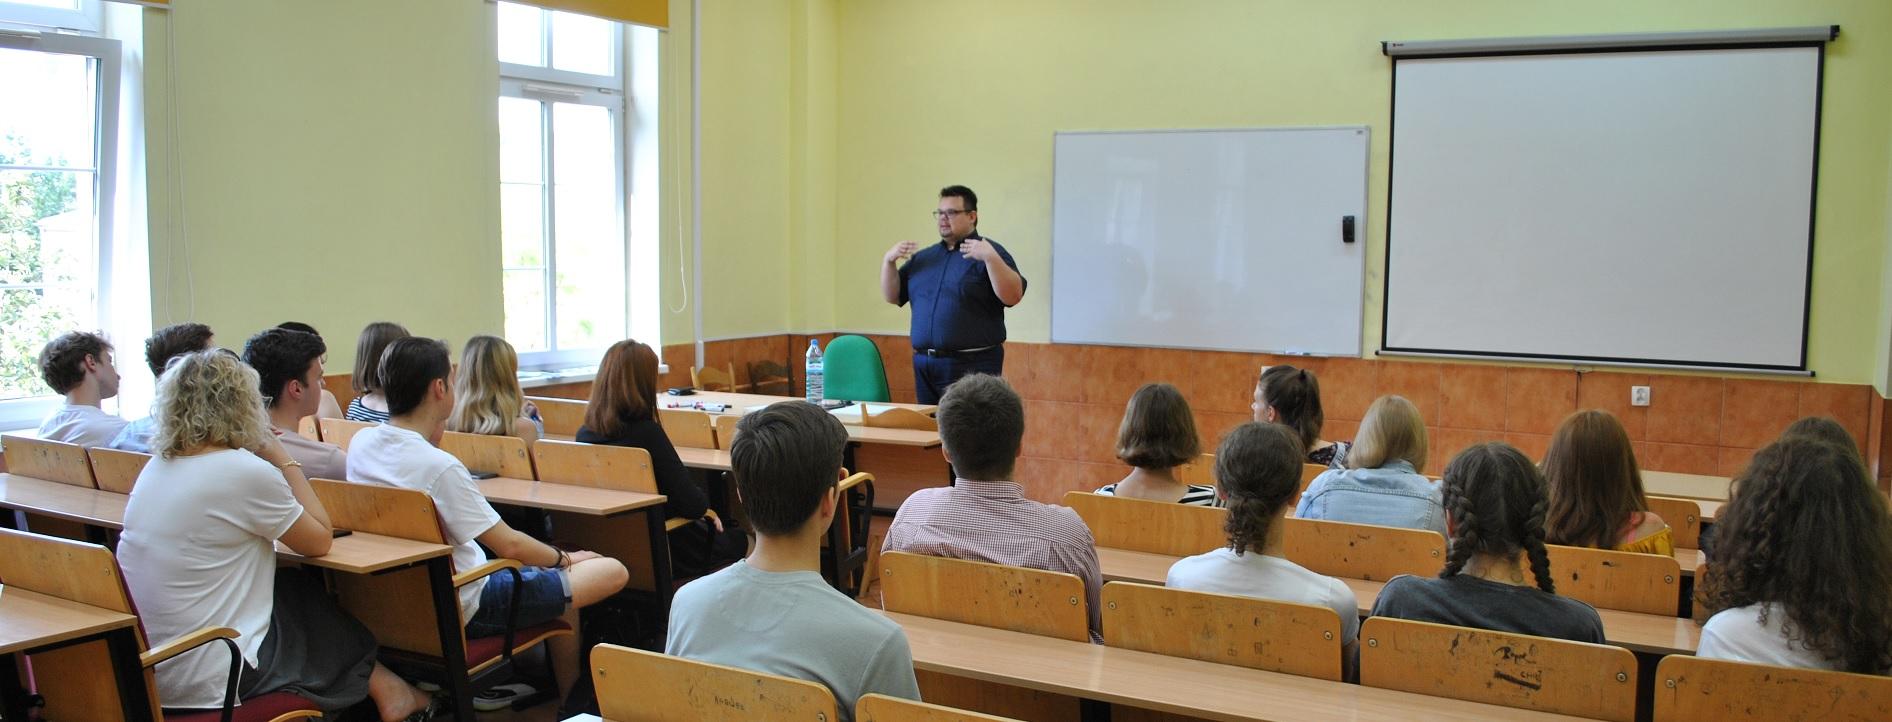 Spotkanie z uczniami XI Liceum Ogólnokształcącego w Szczecinie